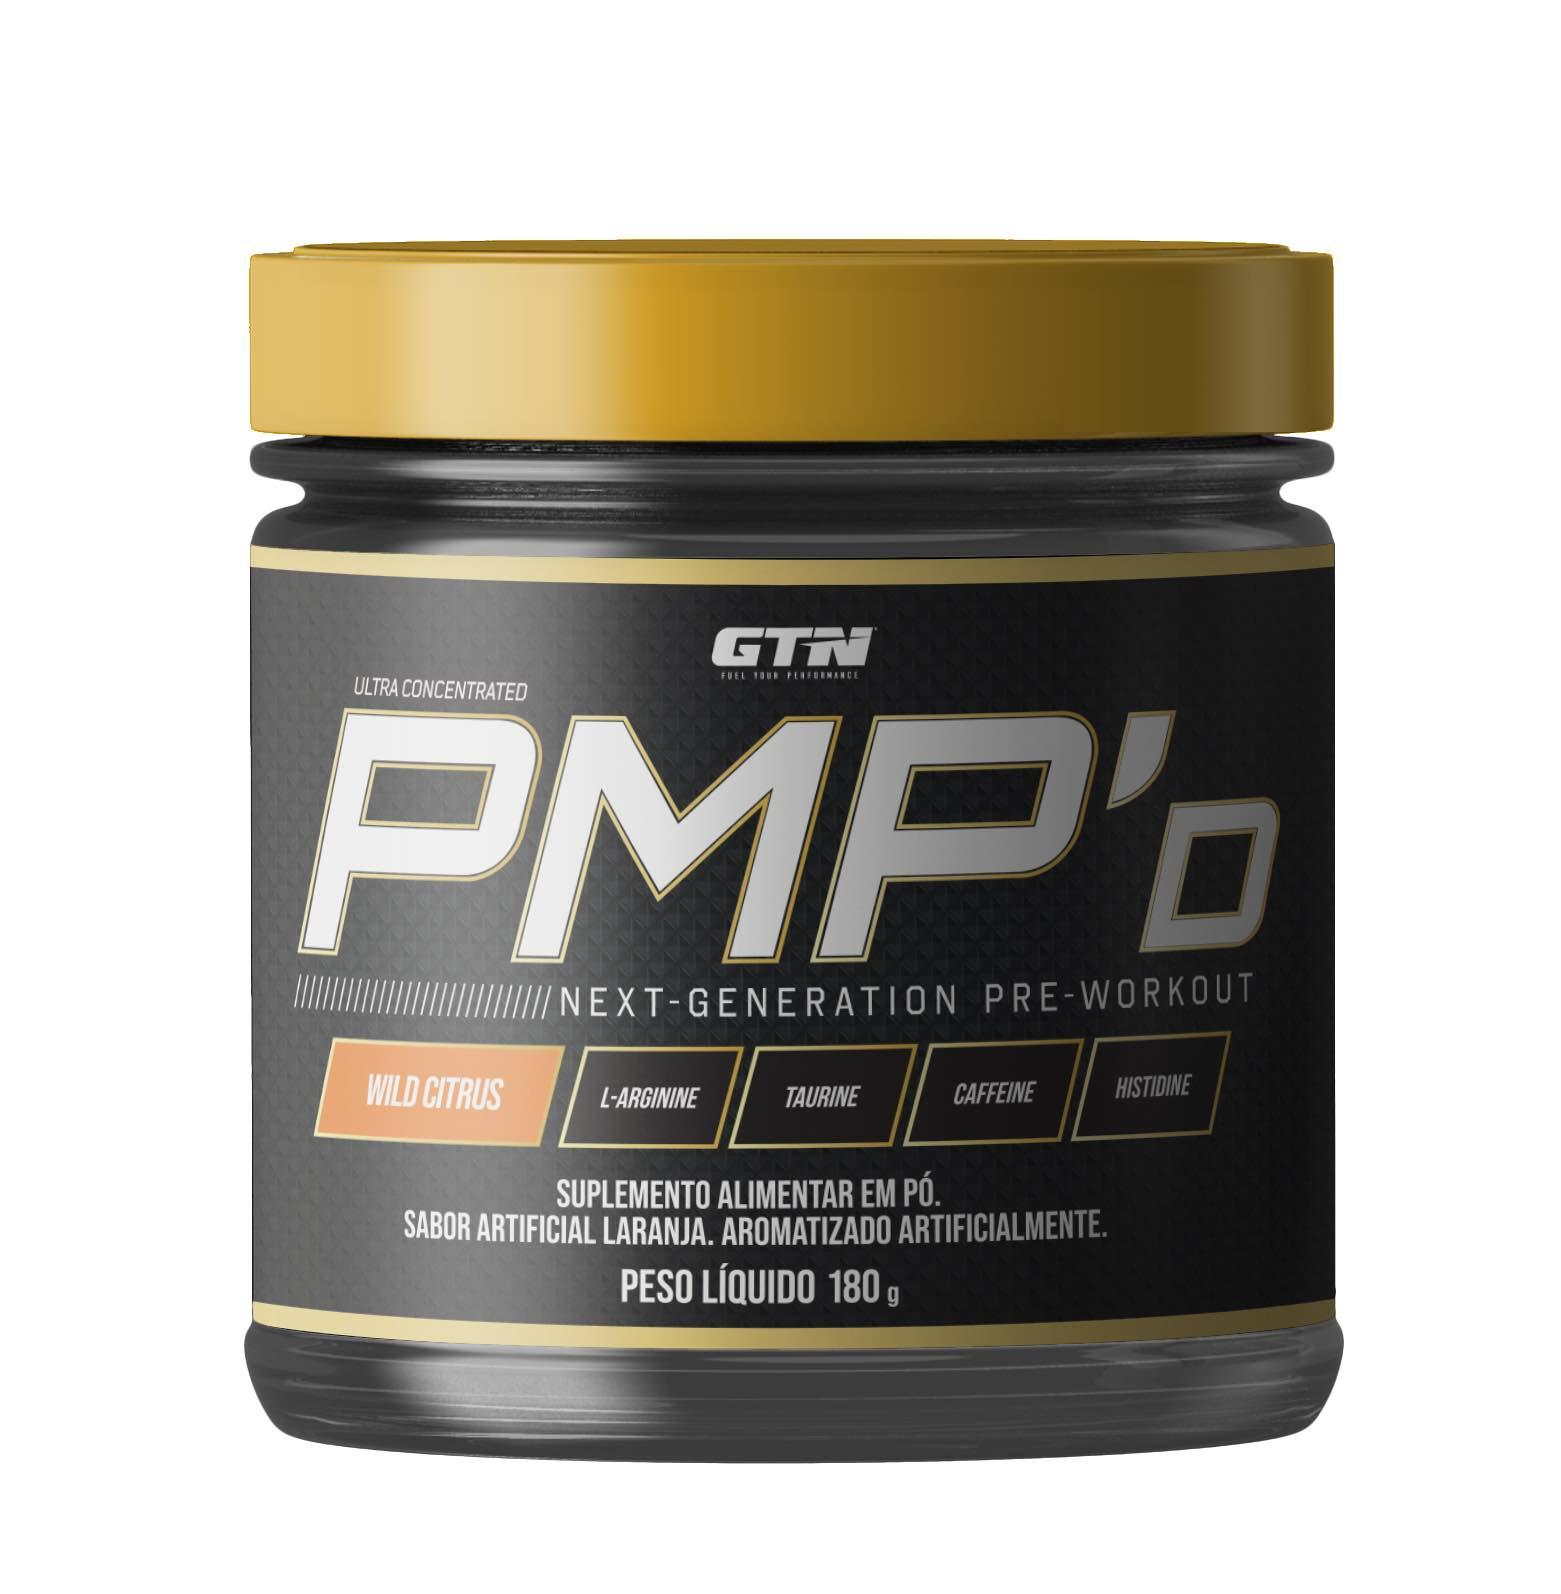 PMP'D